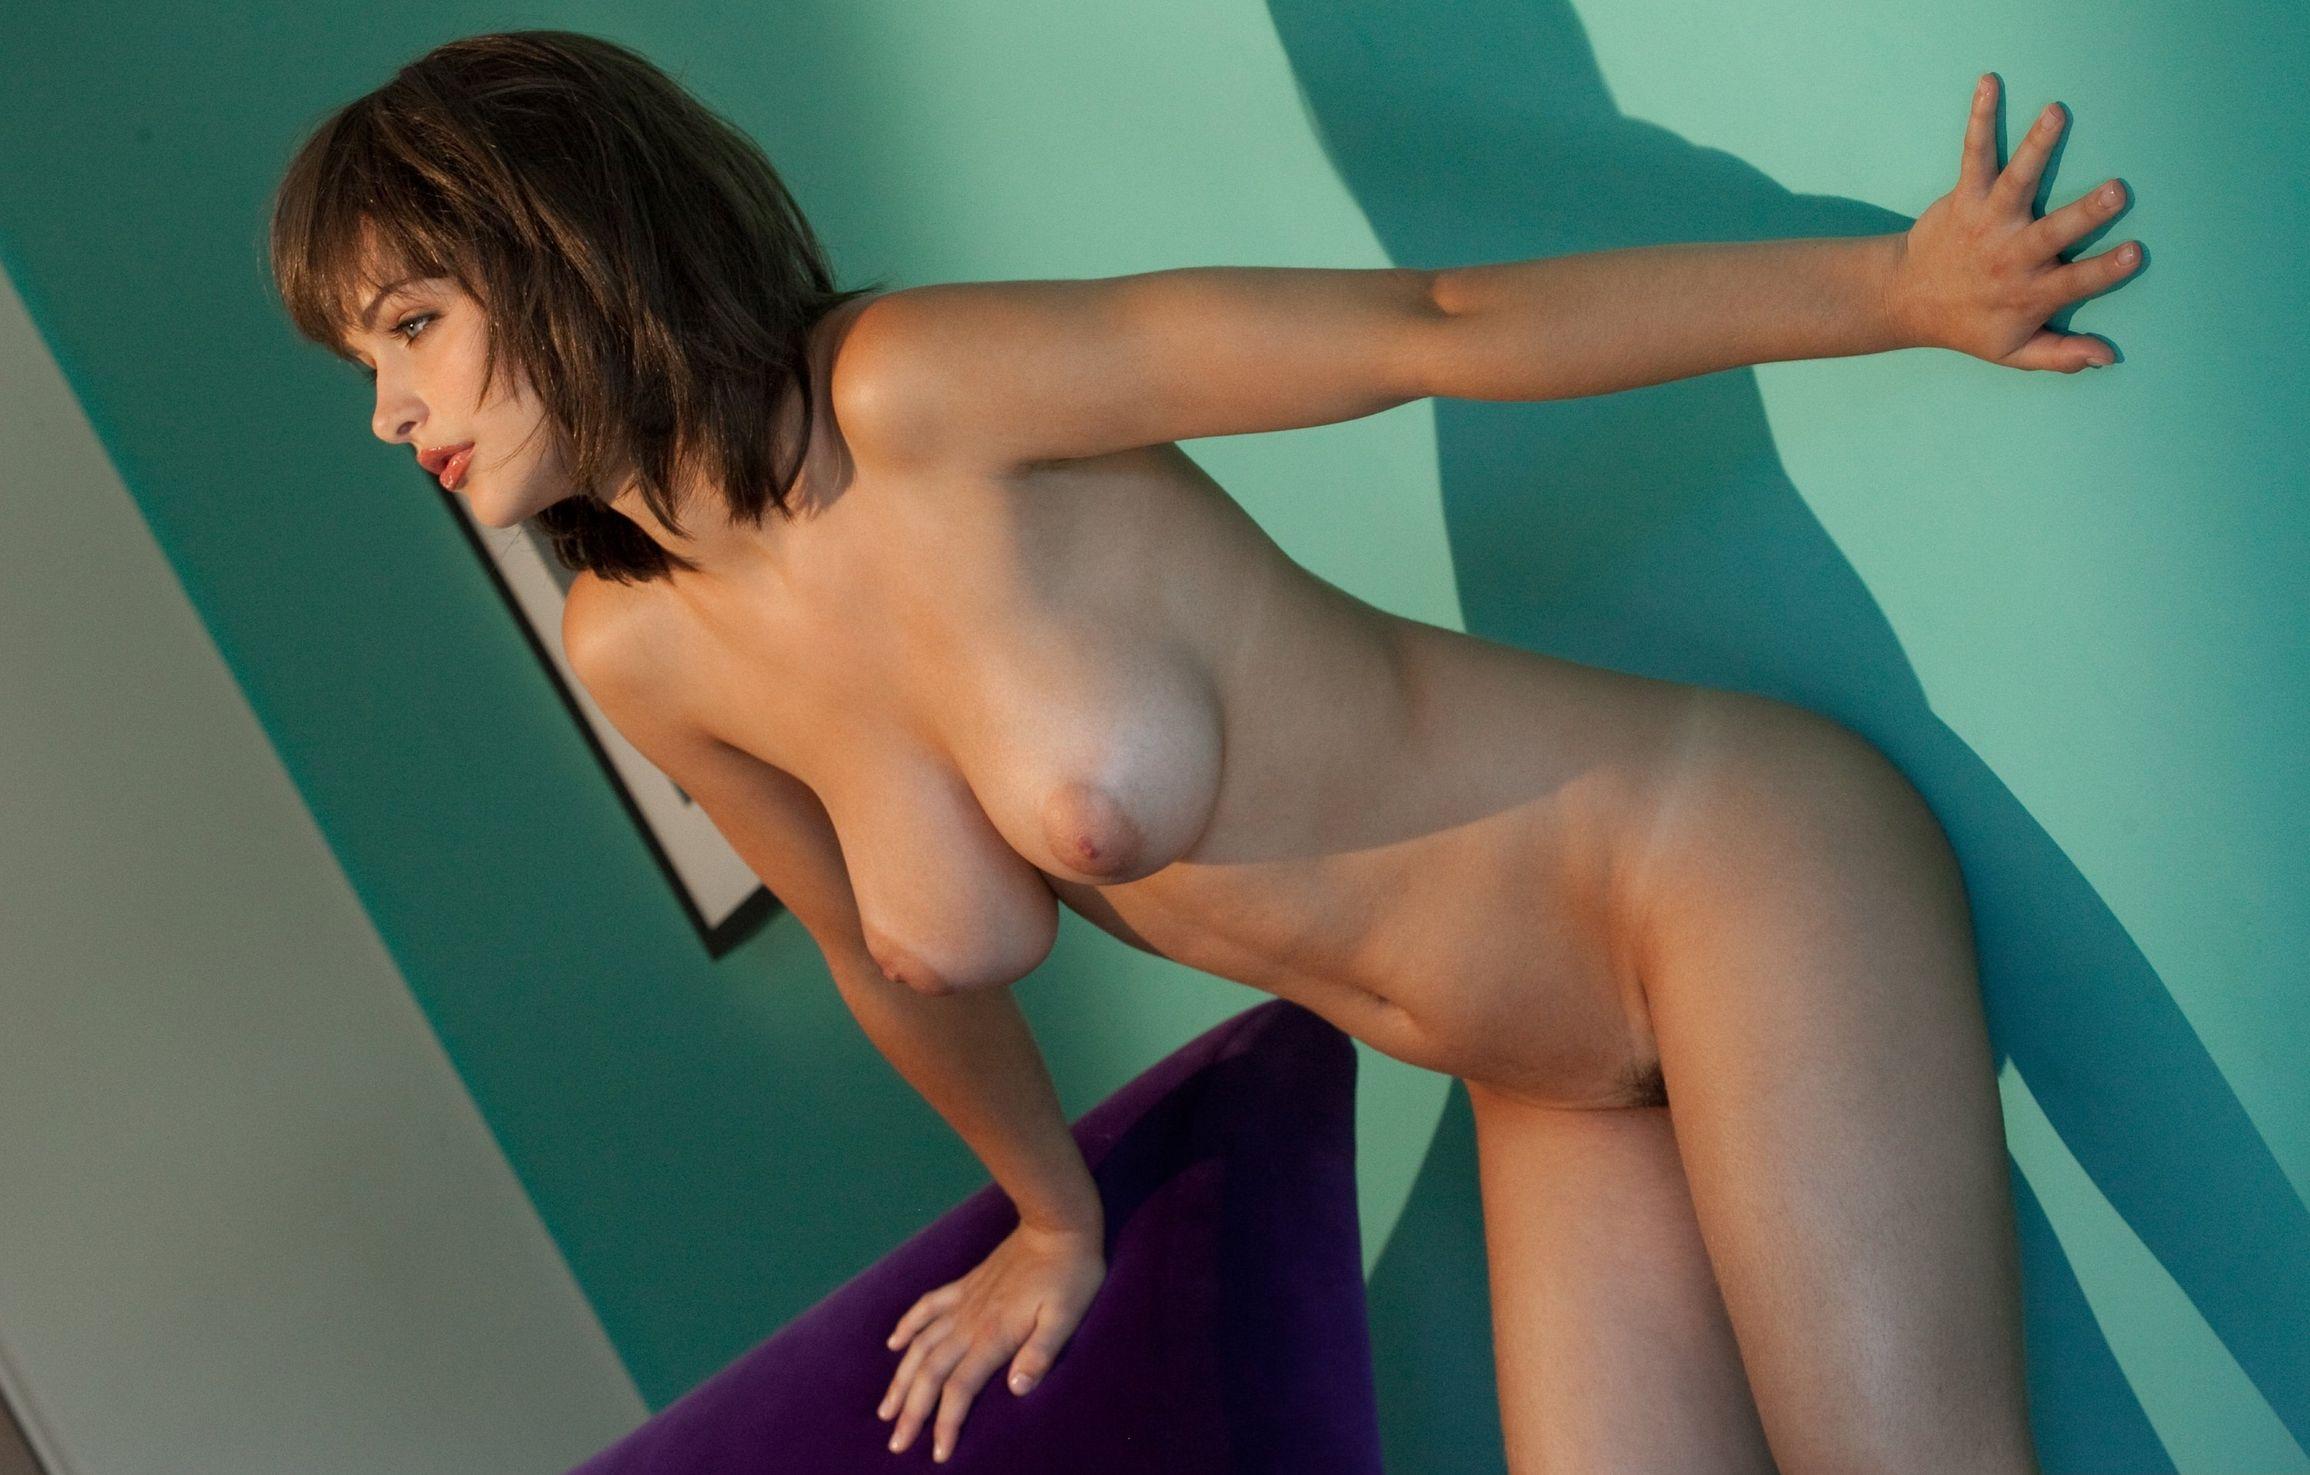 Секс скайп случайный 10 фотография